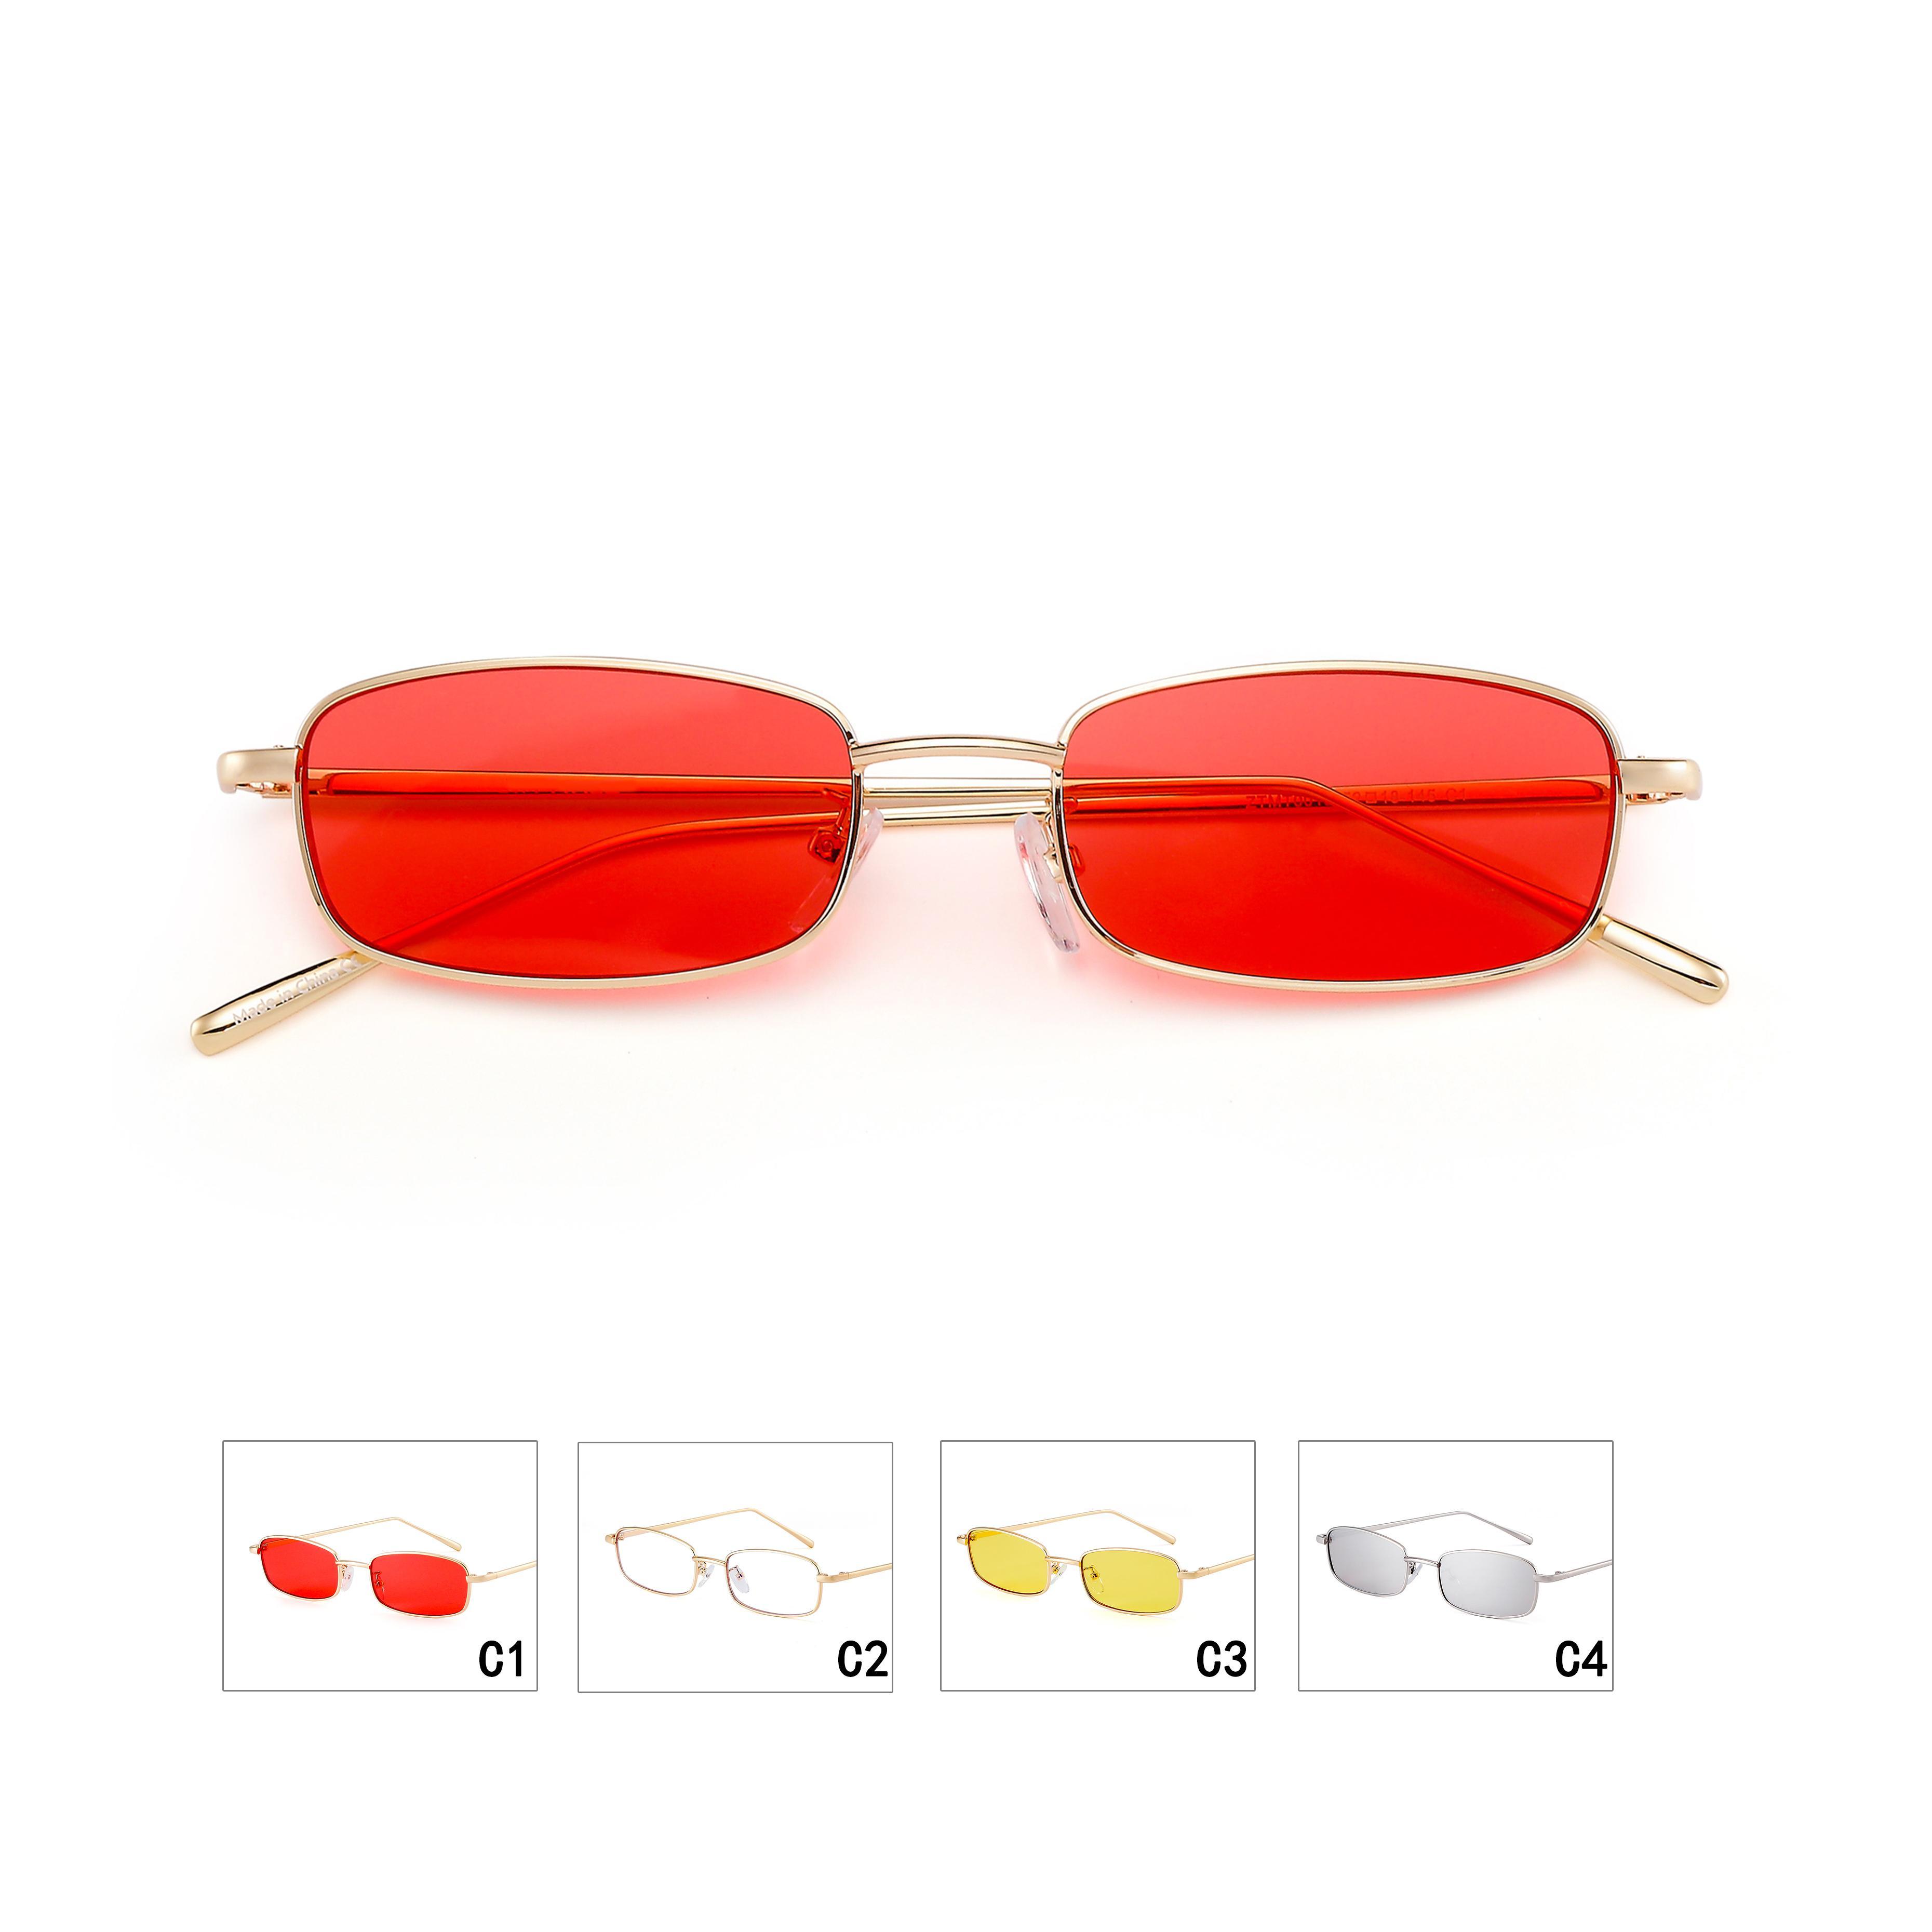 0f86c882e790e Compre Frete Grátis Pequeno Óculos De Sol Das Mulheres Dos Homens De Moda  Óculos De Sol Frames Óculos Vintage Decoração Óculos Óculos De Sol  Vermelhos De ...